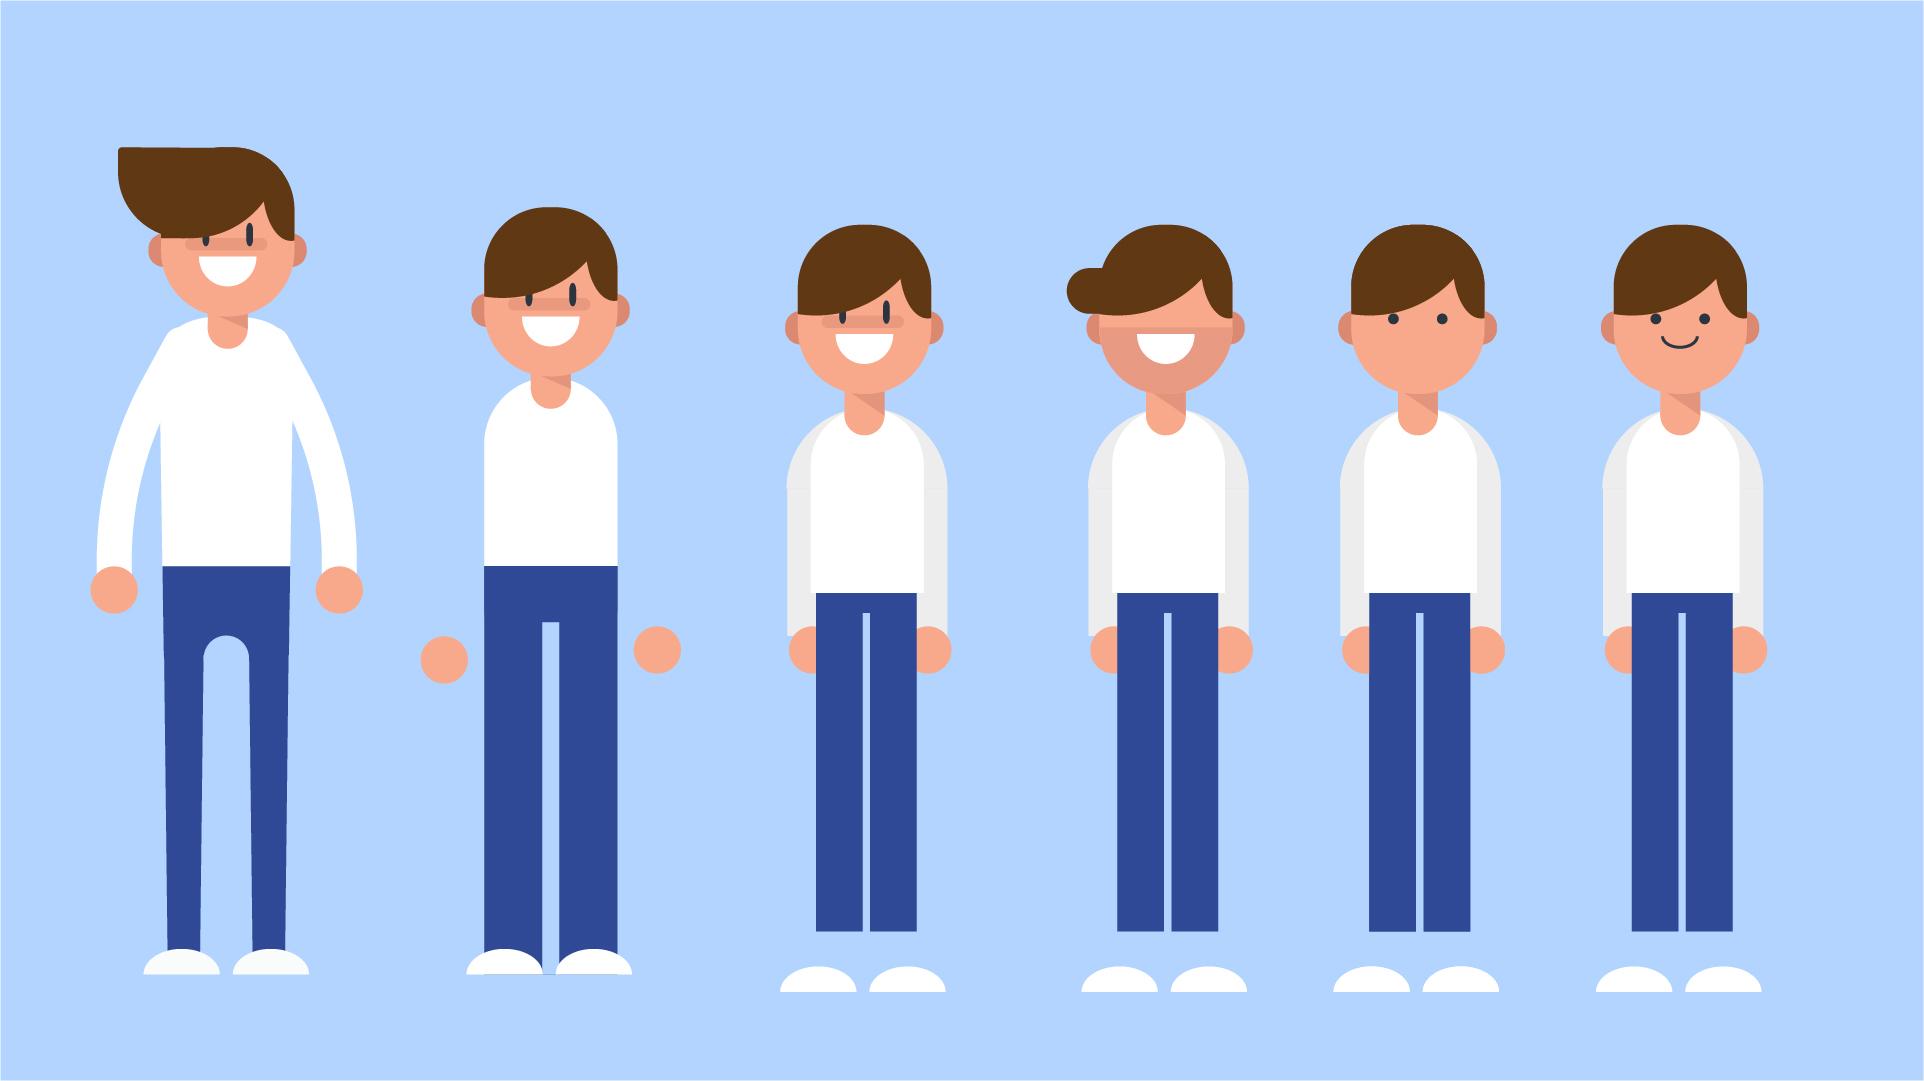 Character_v01.jpg